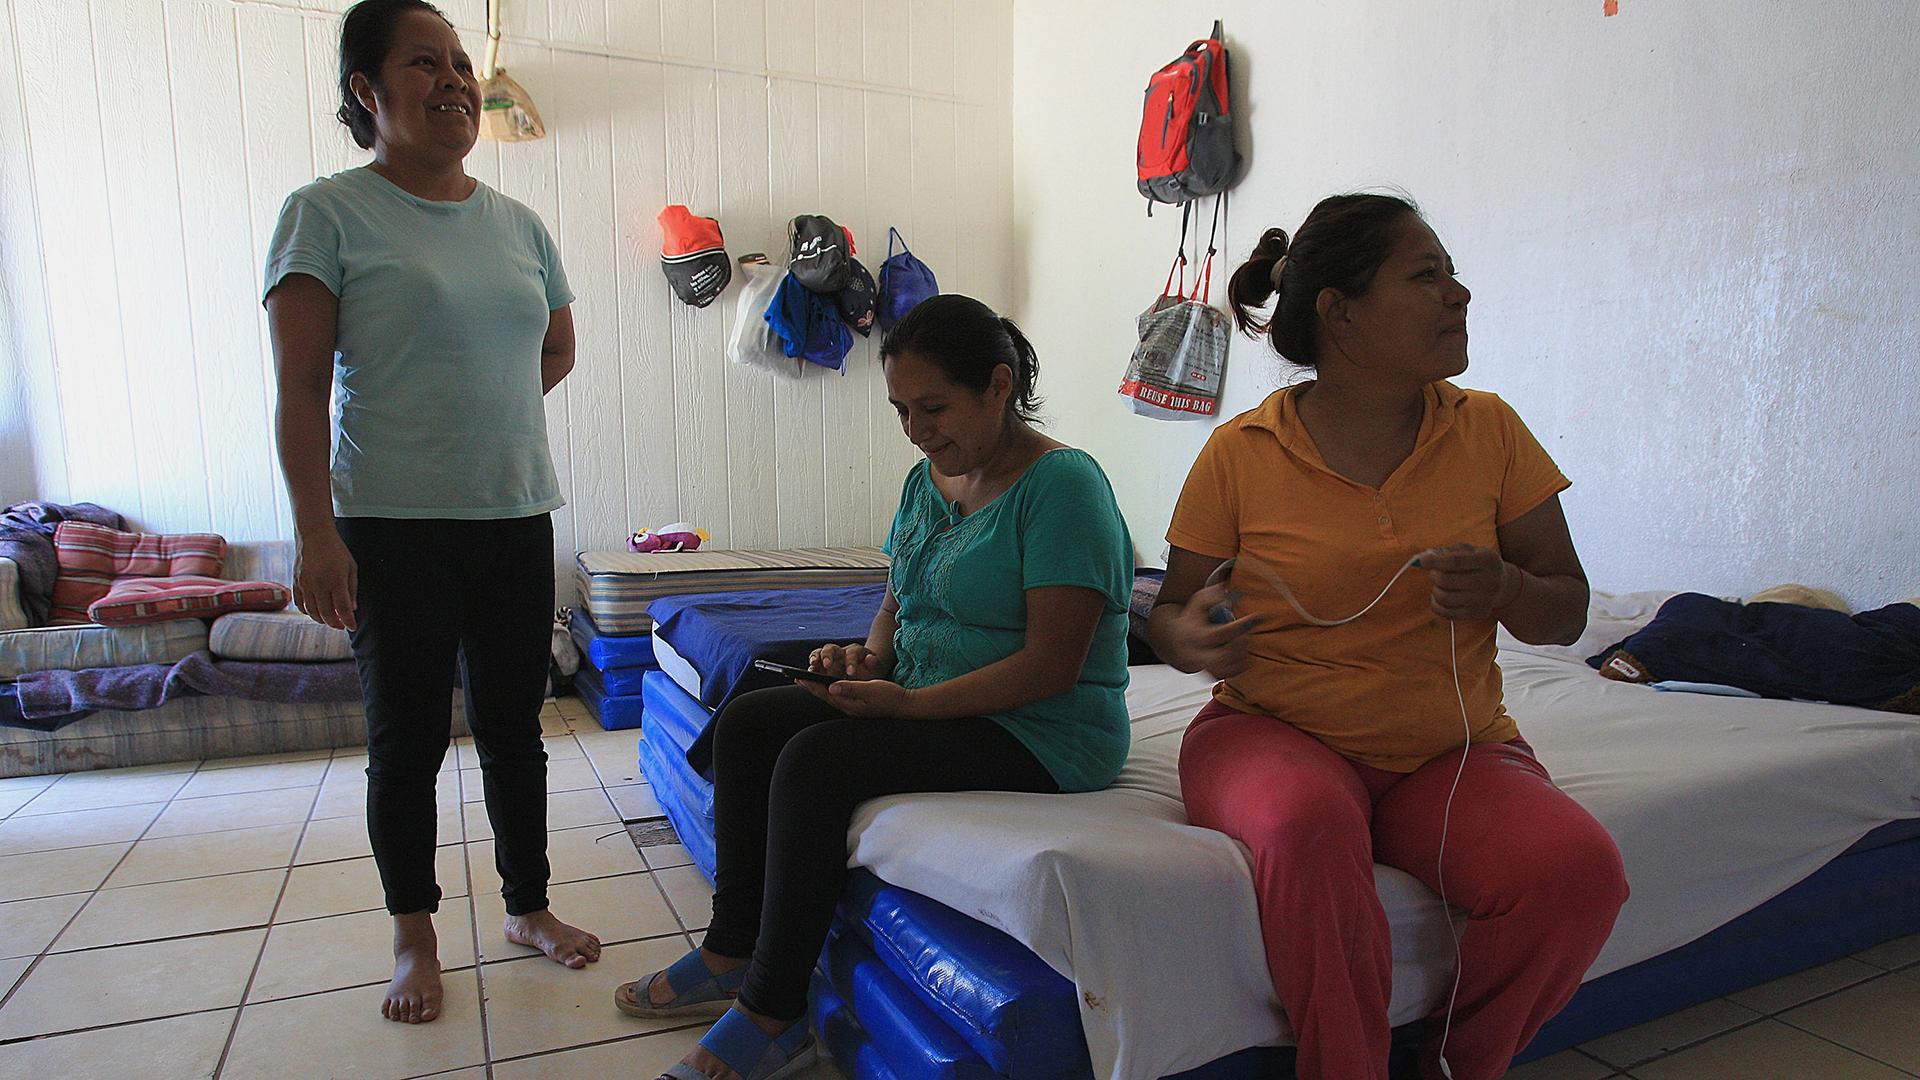 México rompió récord de solicitudes de asilo, con 50 mil